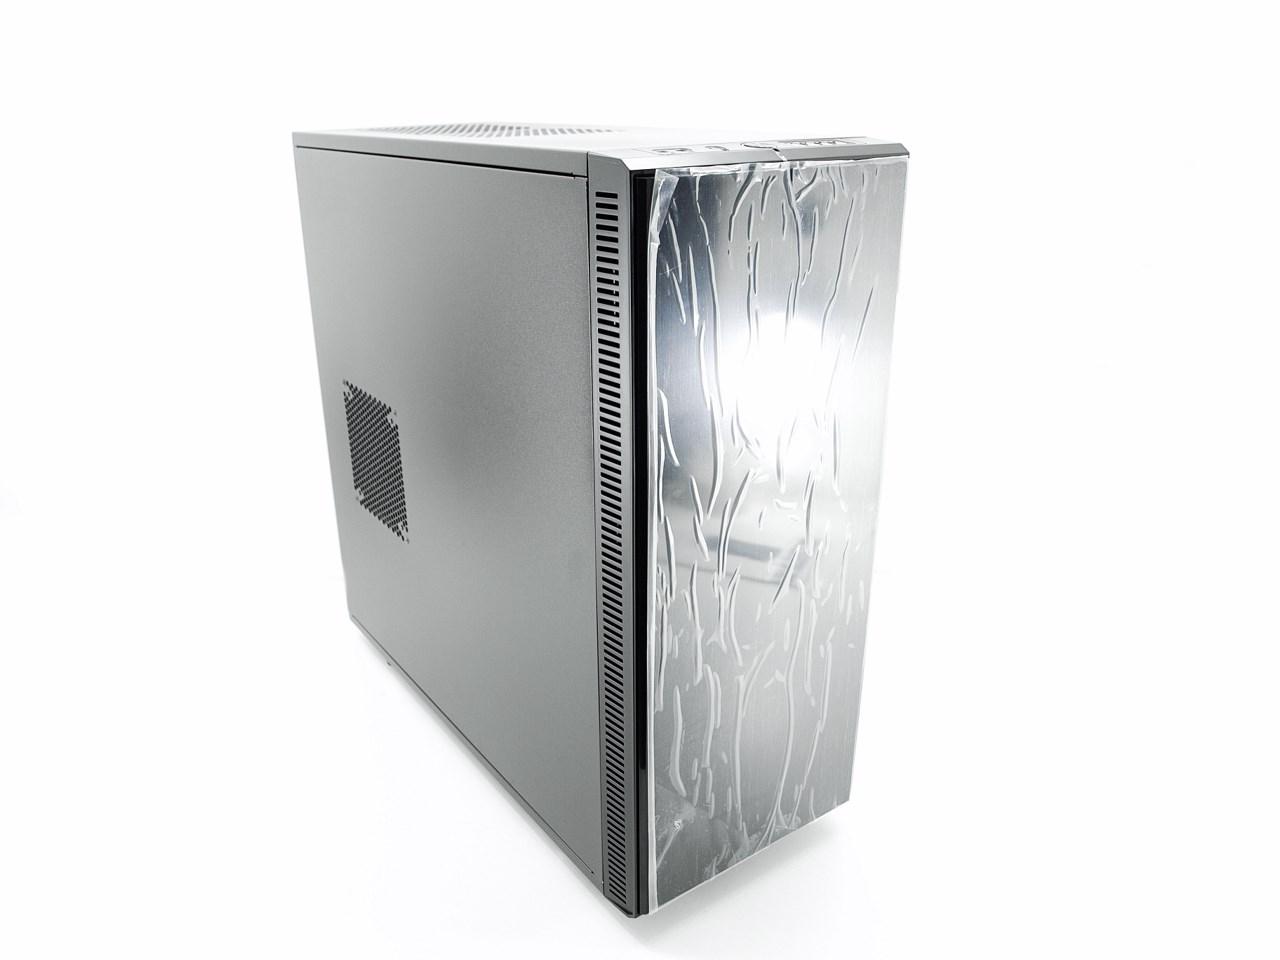 Fractal Design Define Xl R2 Computer Case Review